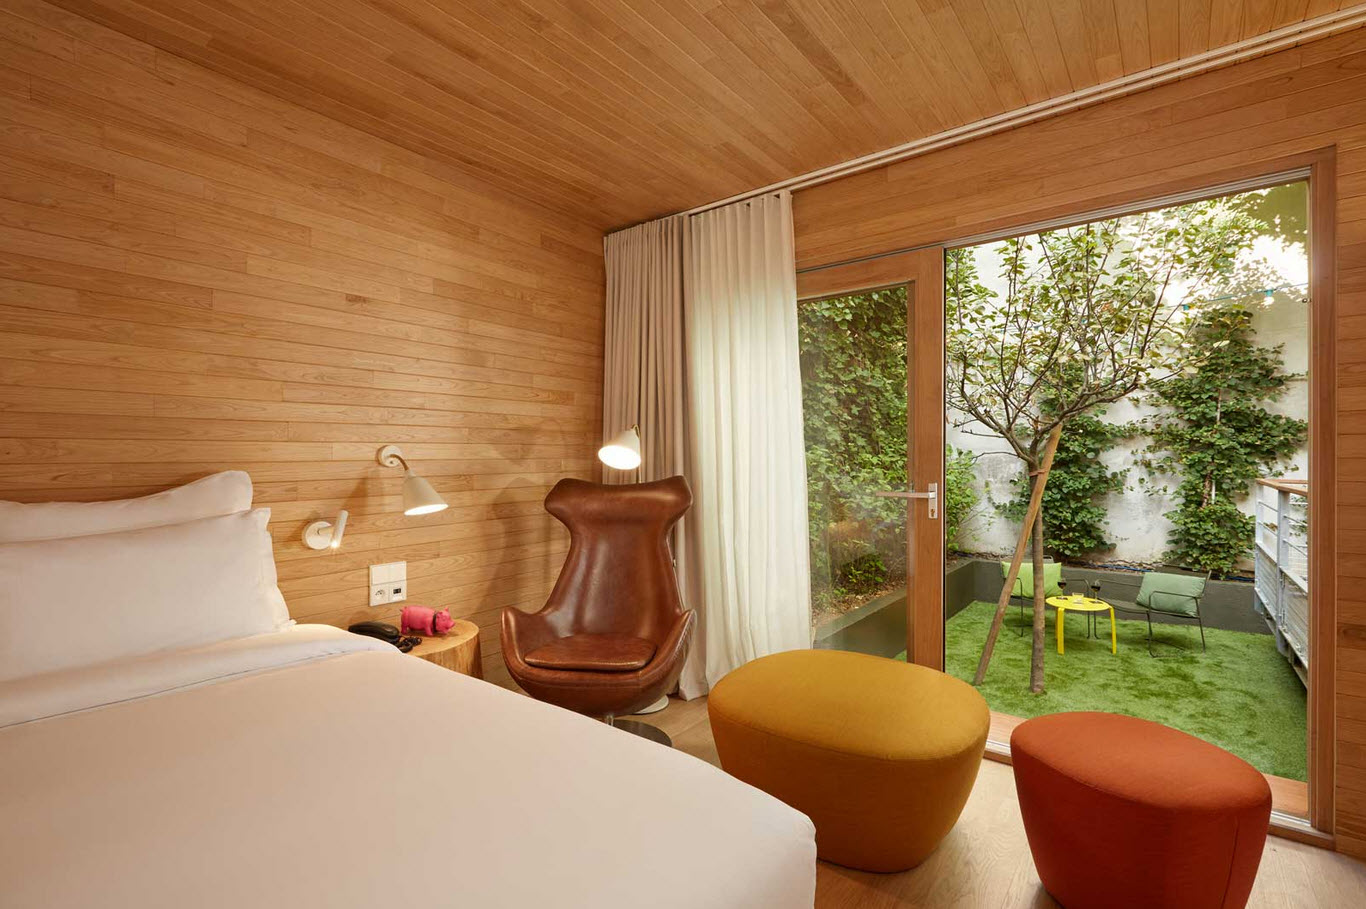 Dormir dans une cabane a Paris